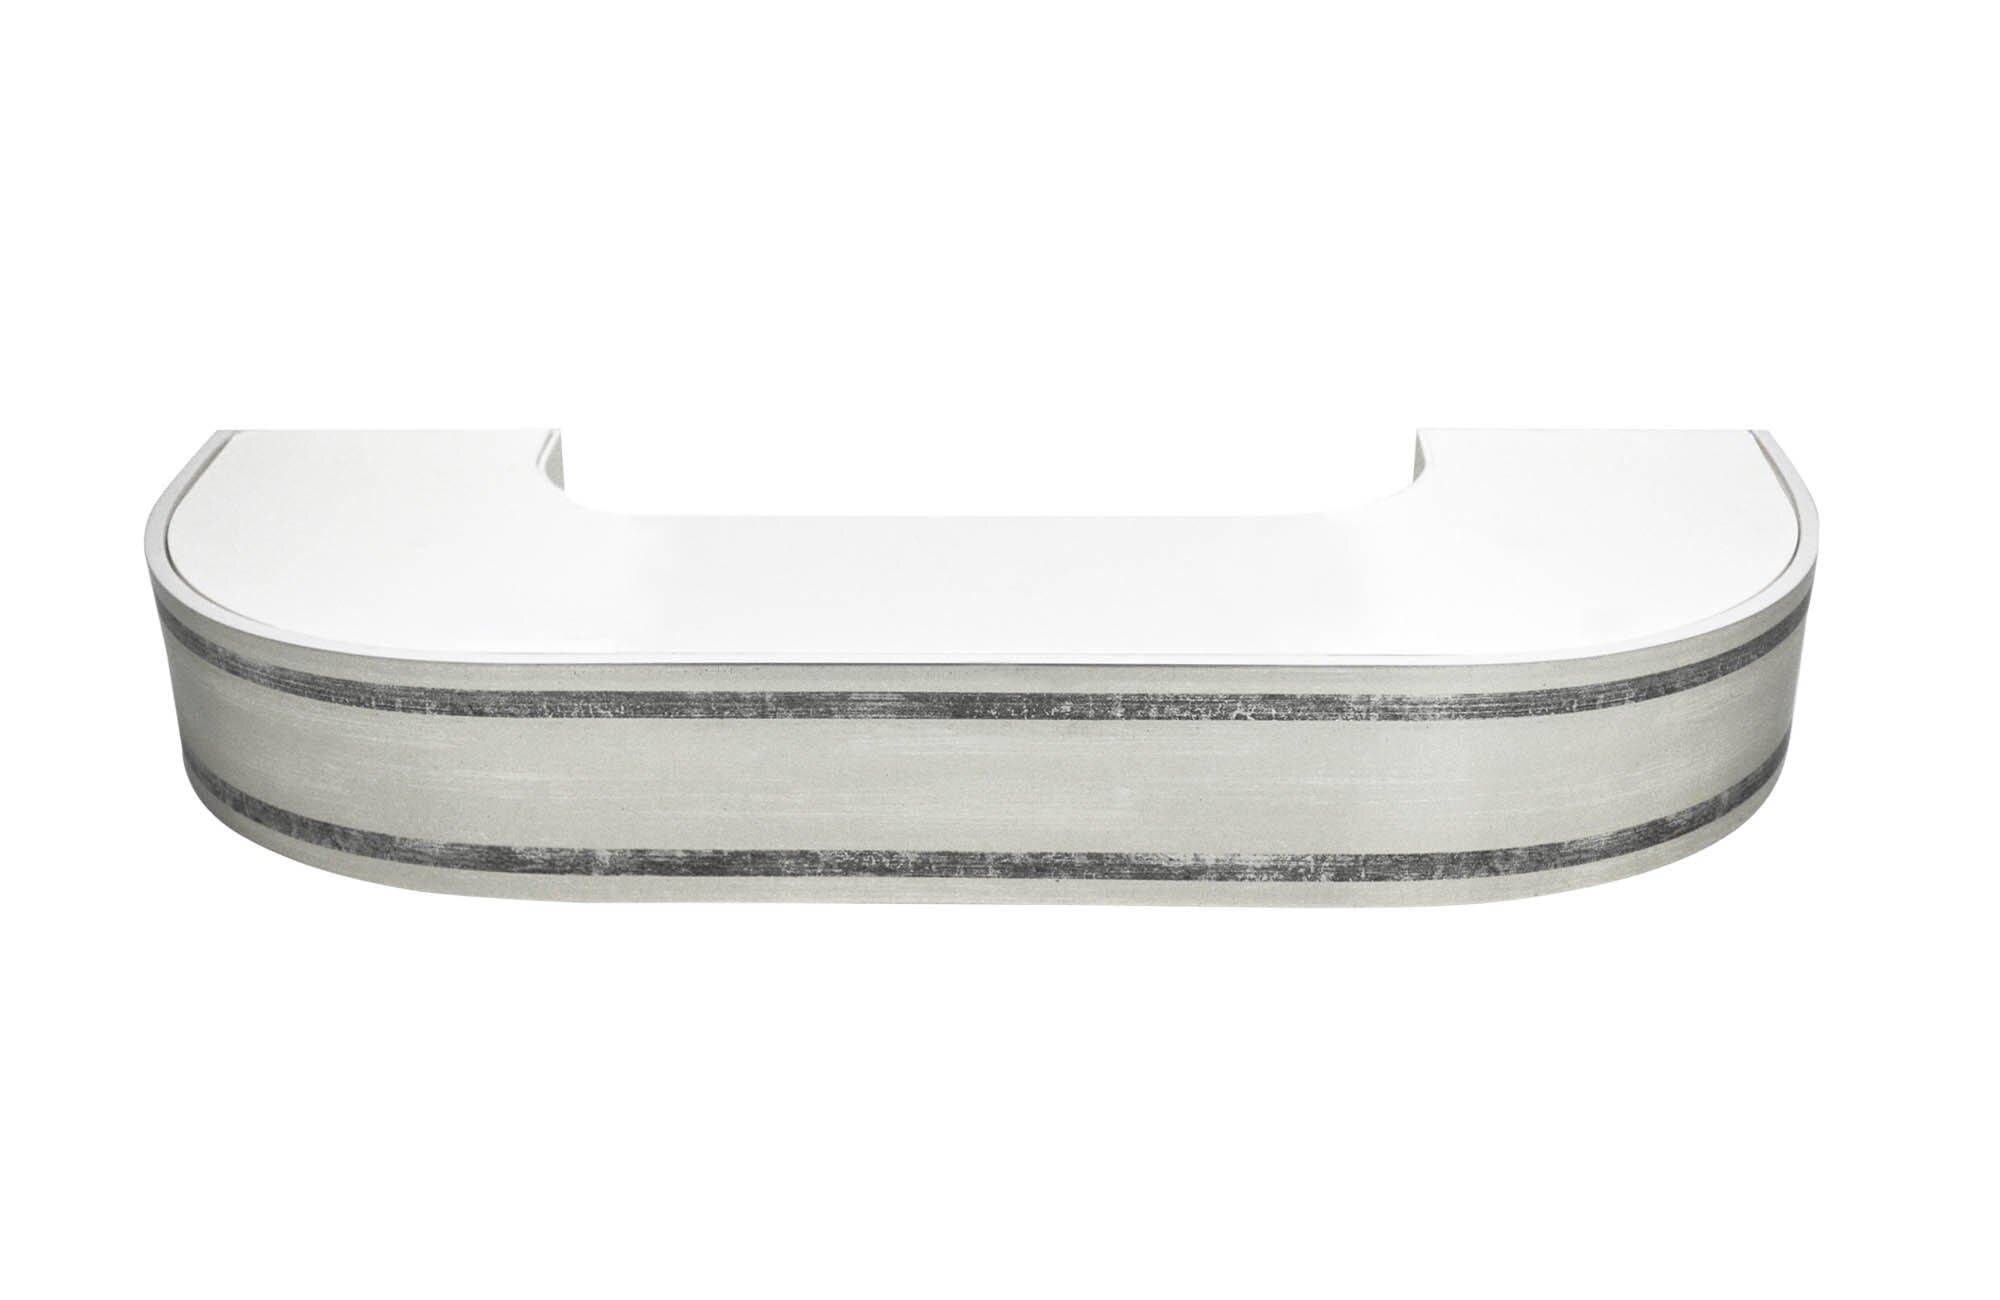 Карнизы и аксессуары для штор ARCODORO Карниз Меланж Цвет: Серебро (180 см)